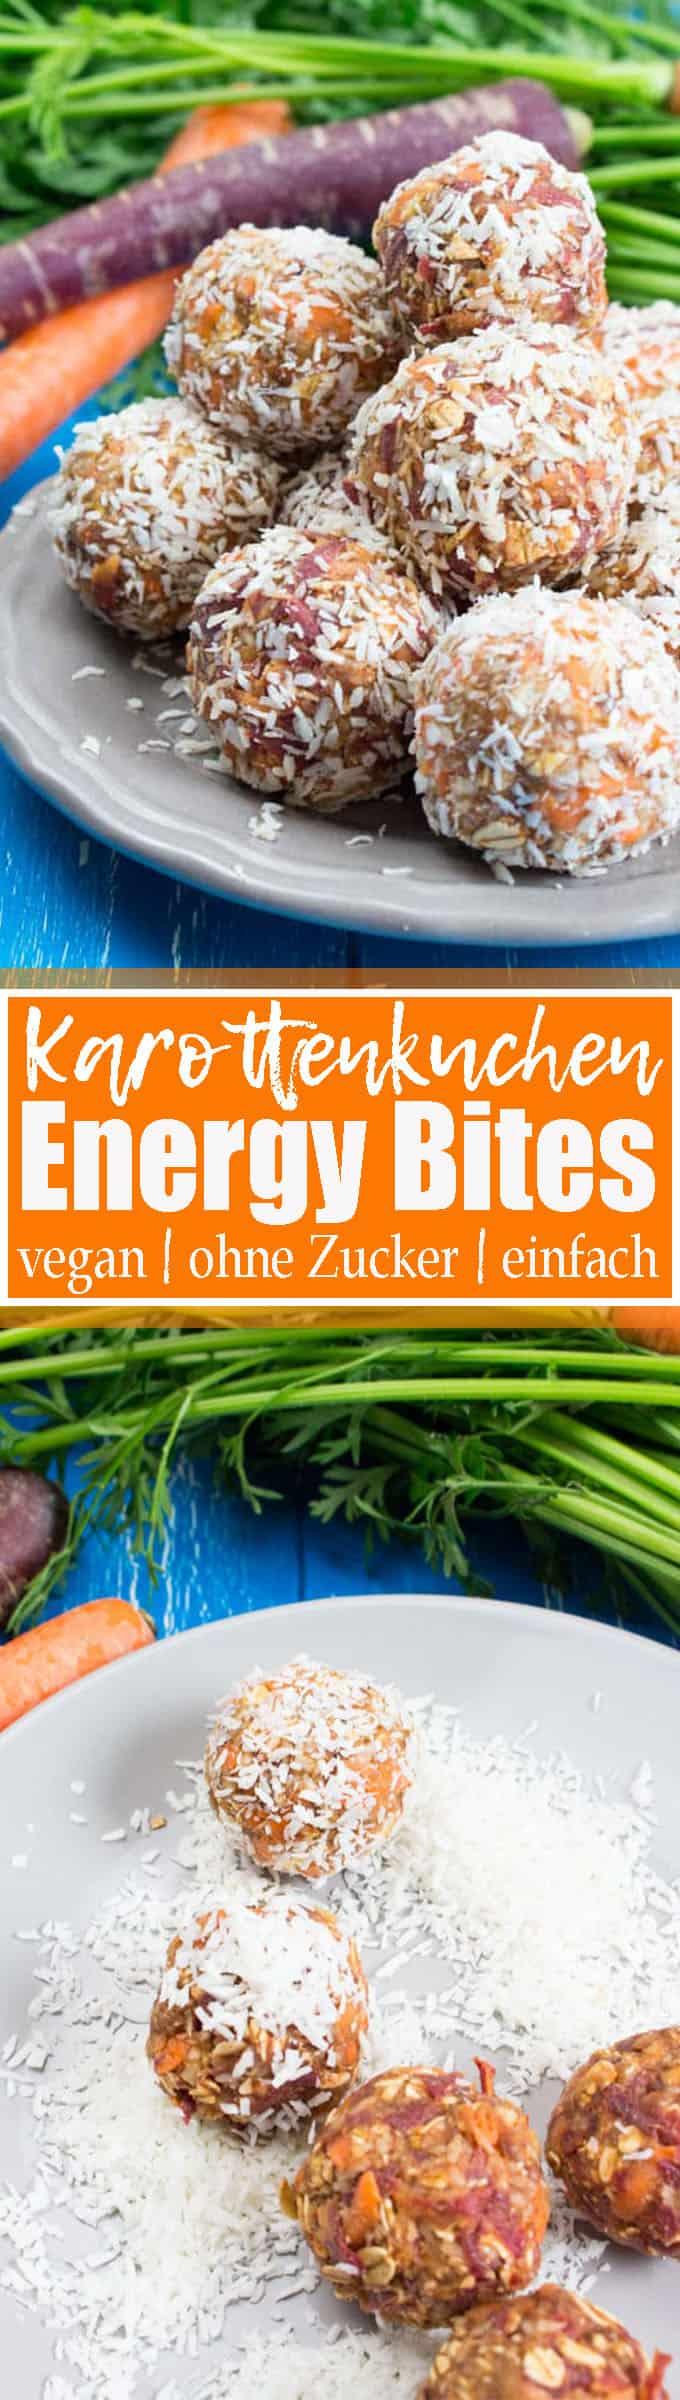 Gesunde Snacks? Dann sind diese Karottenkuchen Energy Bites genau richtig für euch! Sie sind vegan, ohne Zucker und super einfach zuzubereiten! Mehr vegetarische Rezepte und vegane Rezepte auf veganheaven.de! <3